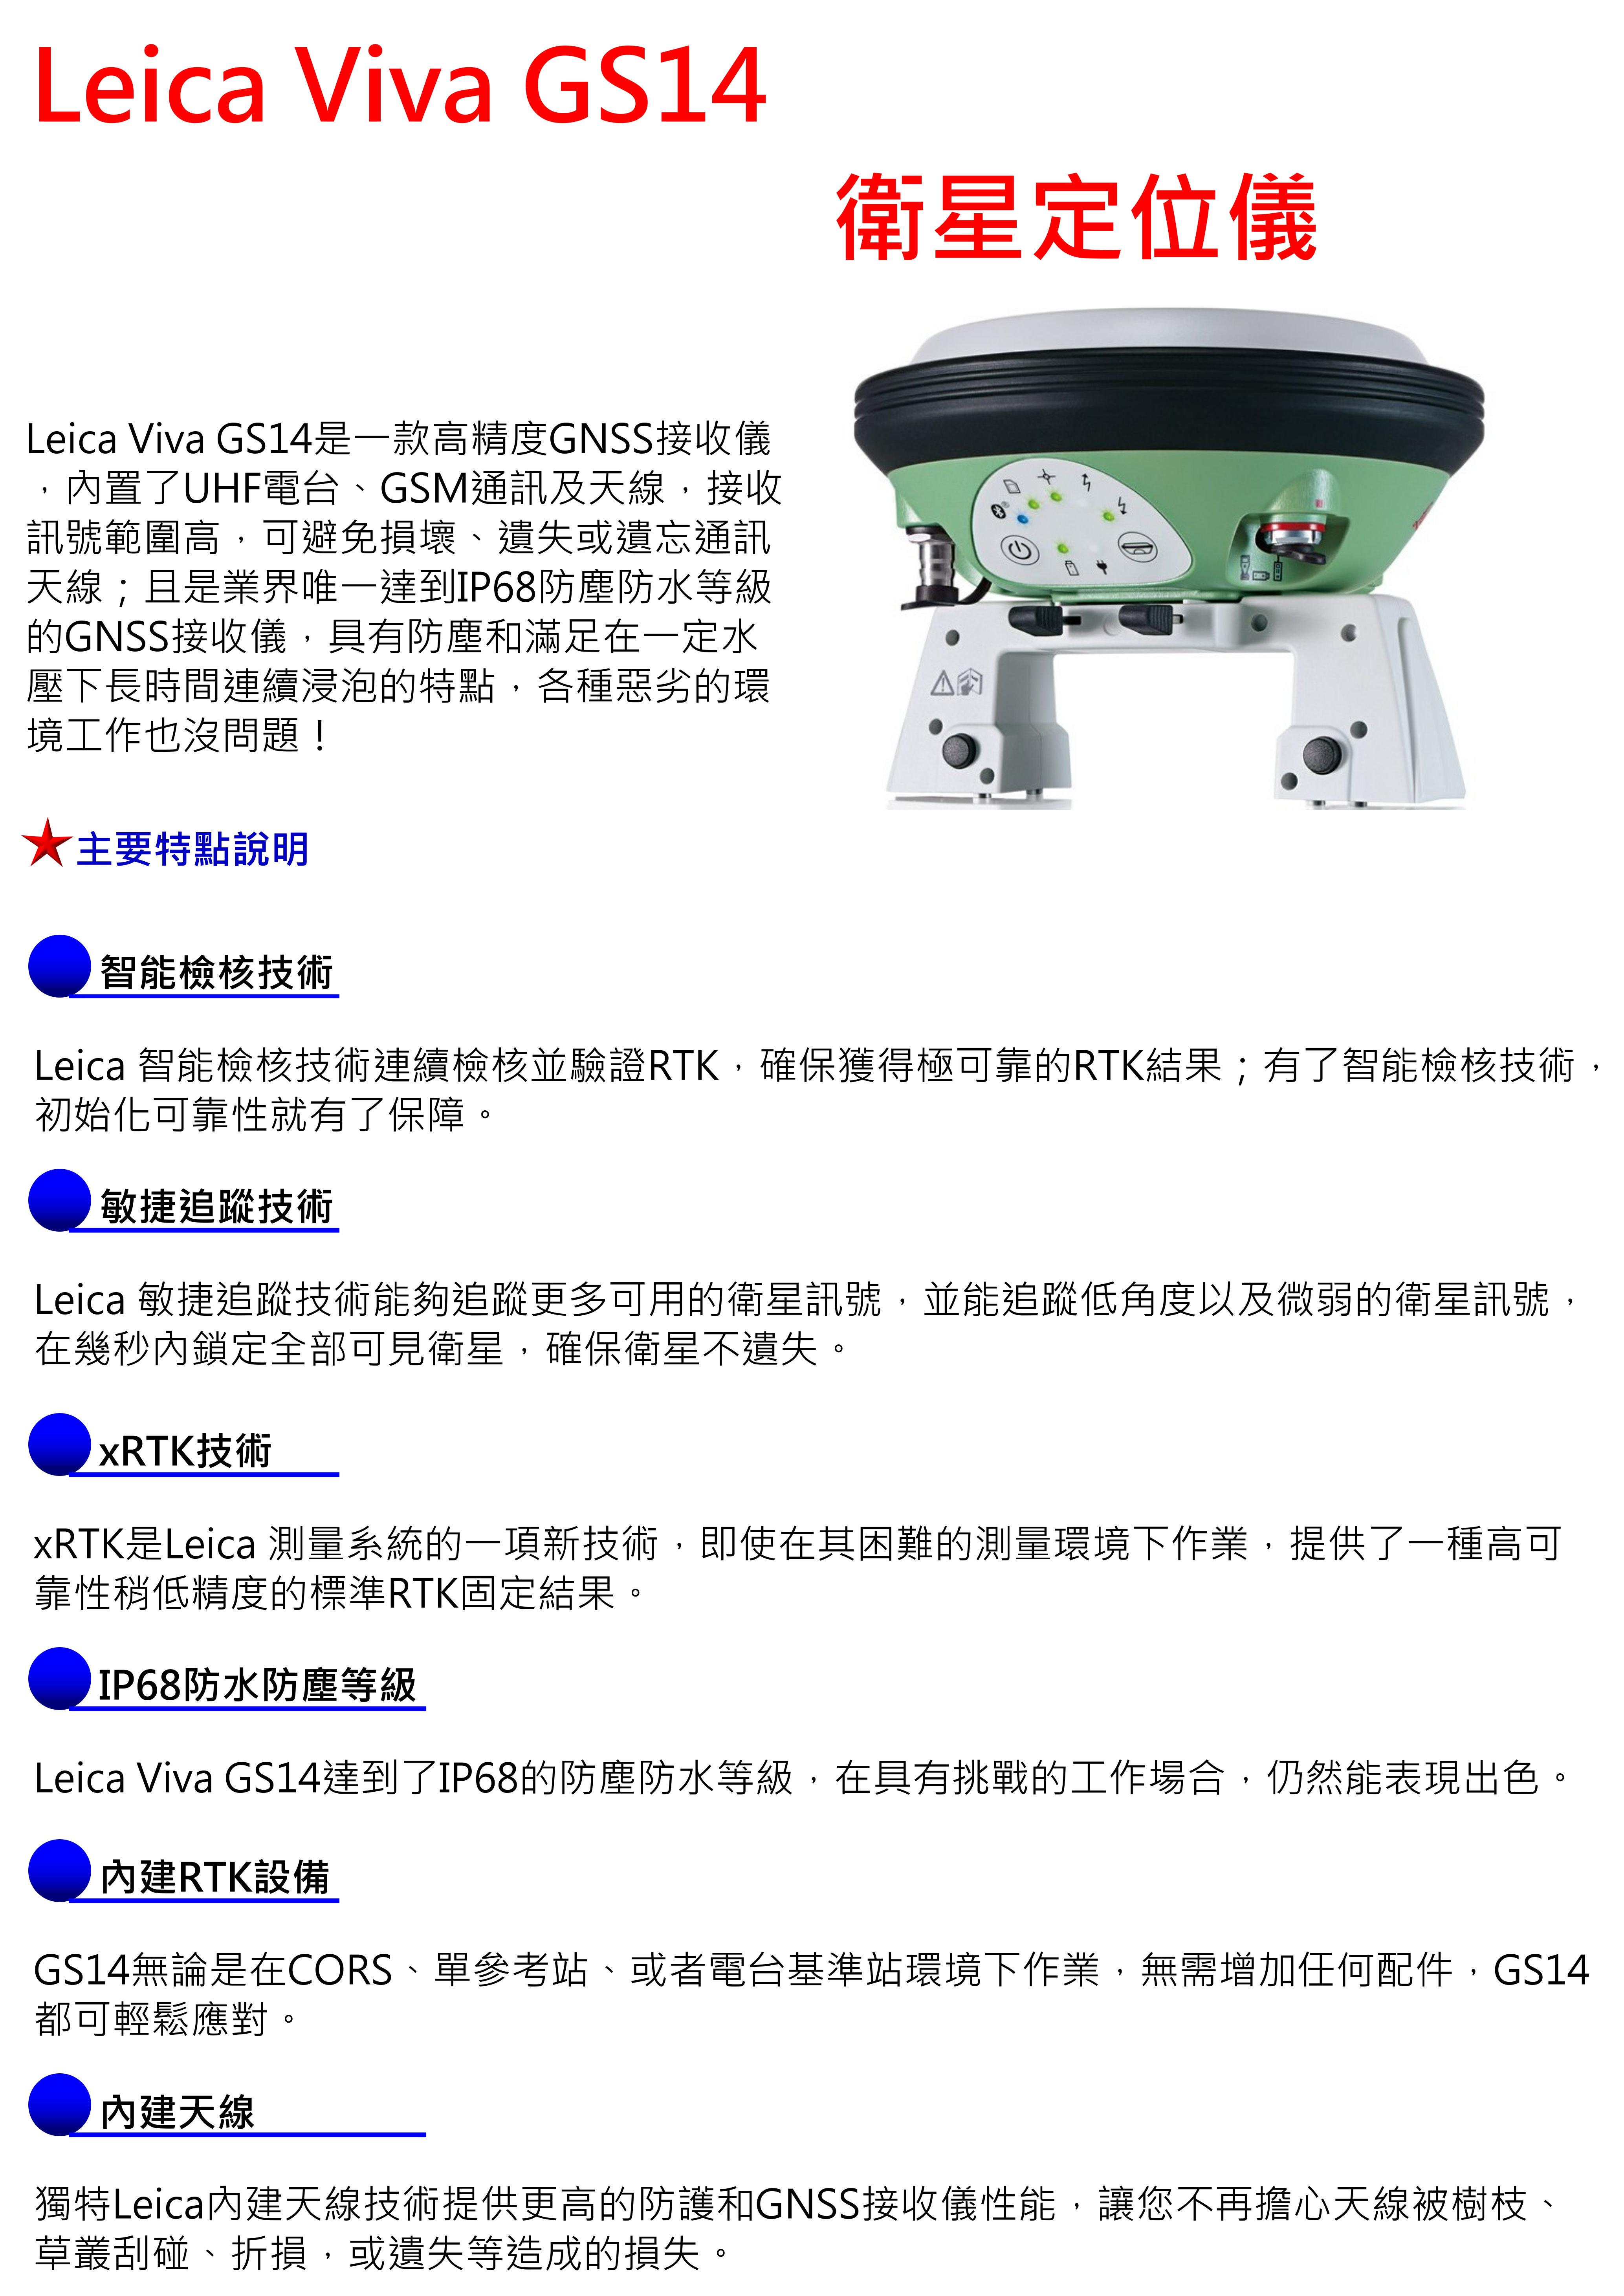 Leica%20viva%20GS14 衛星定位儀Leica GS14